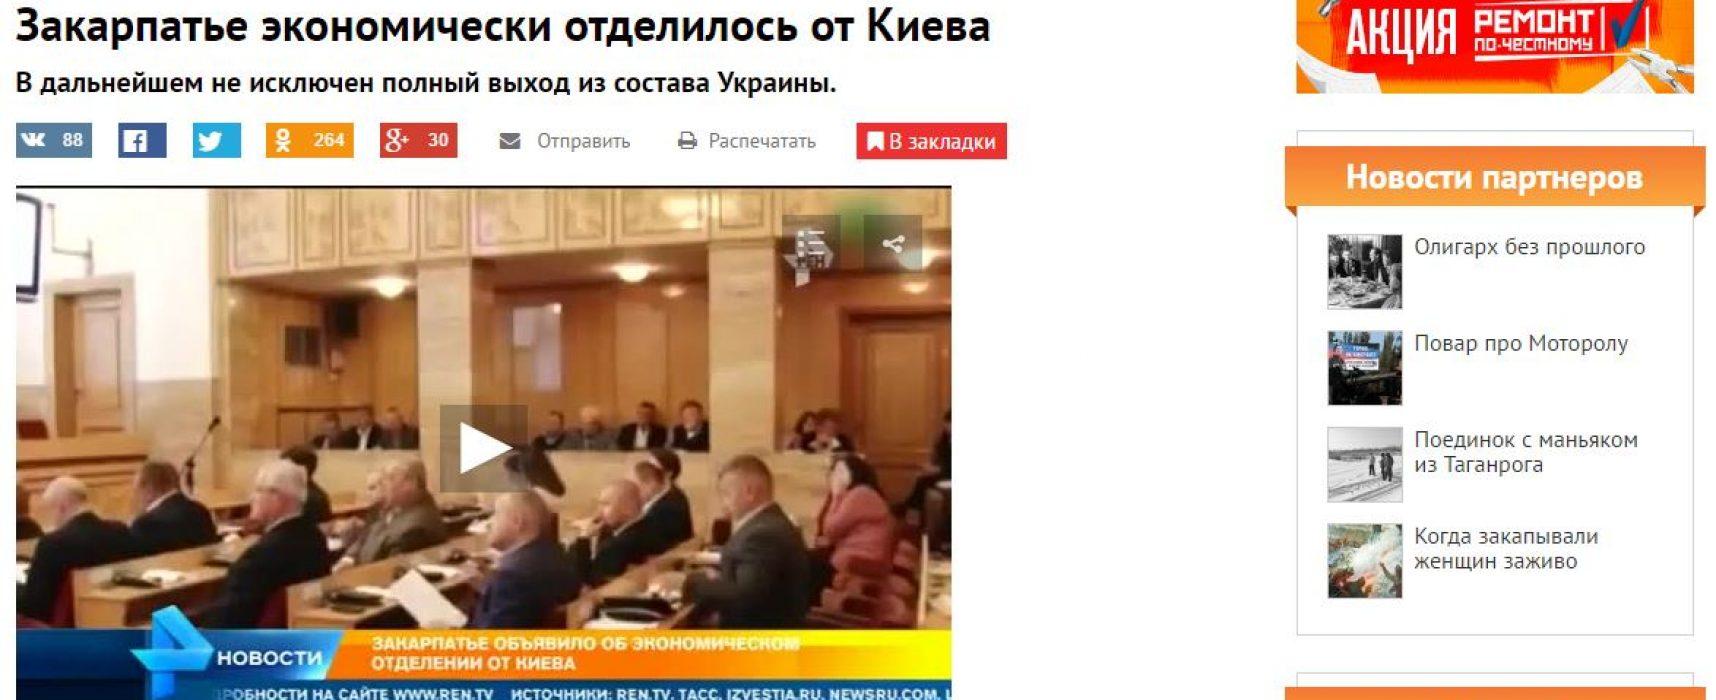 Фейк: Закарпатье экономически отделилось от Киева